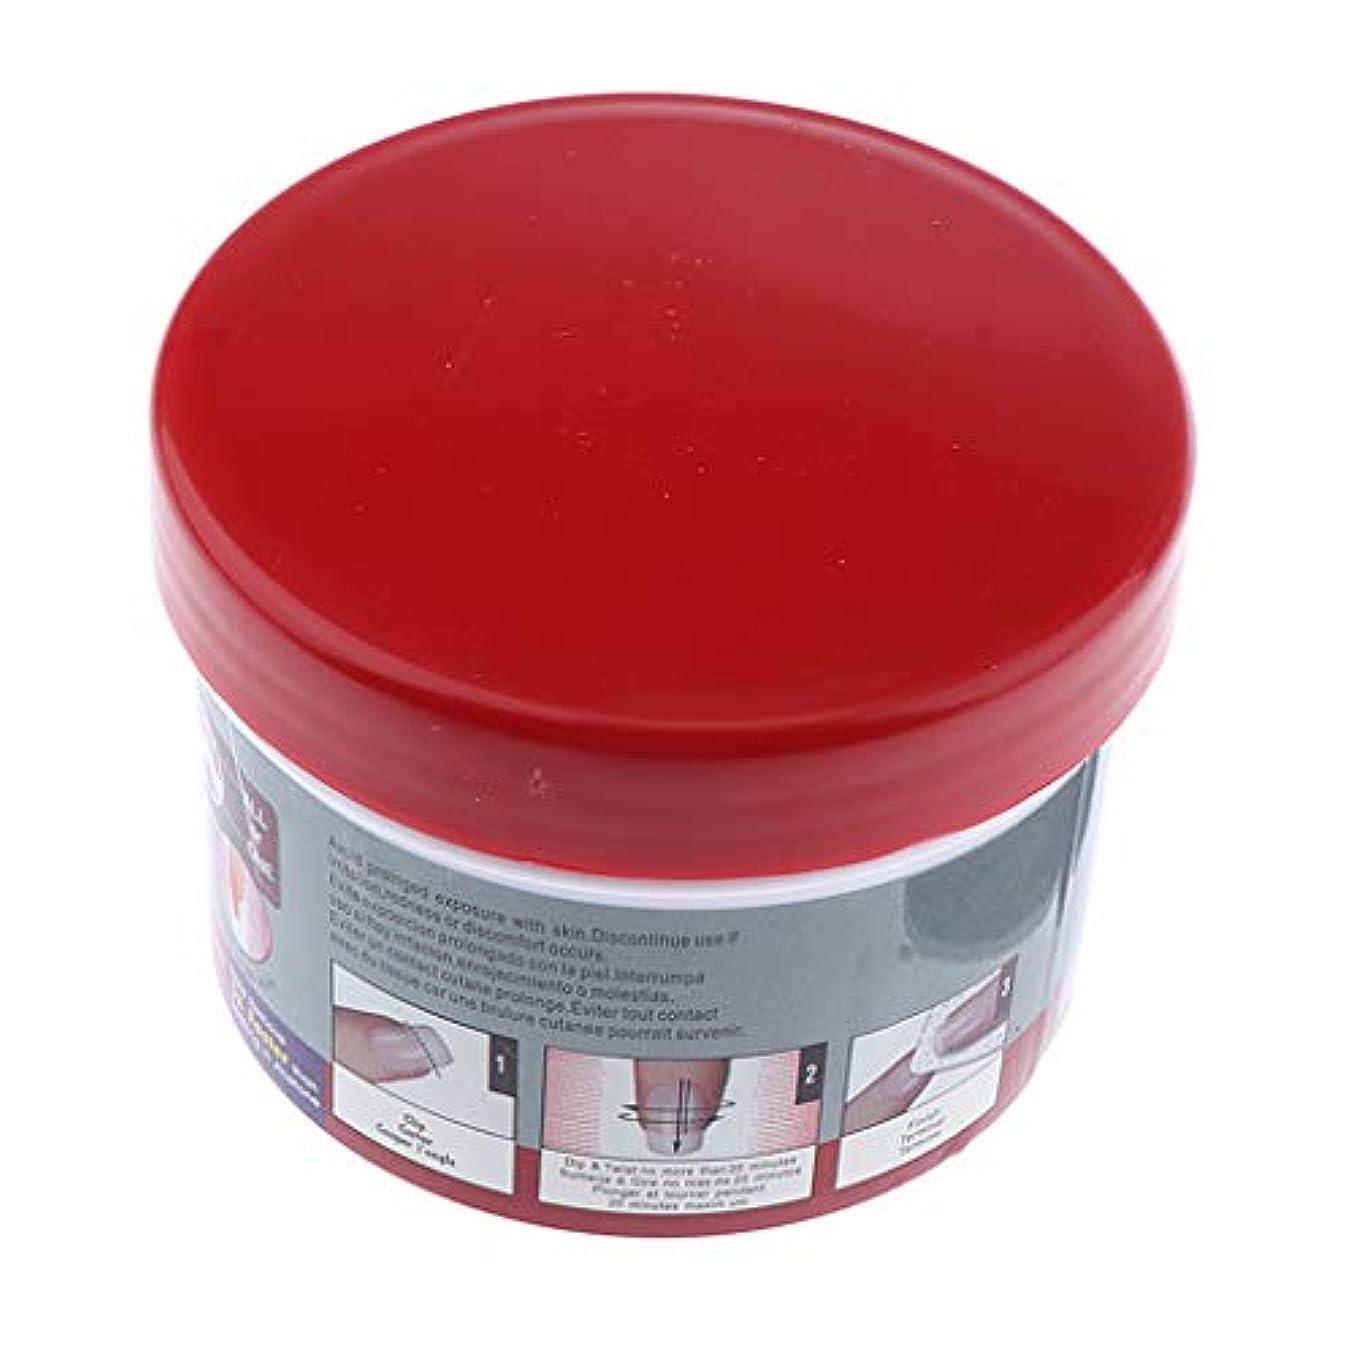 粗いゴム増強CUTICATE 空の容器クリーンマニキュアリムーバー液体貯蔵ボトルネイルツール